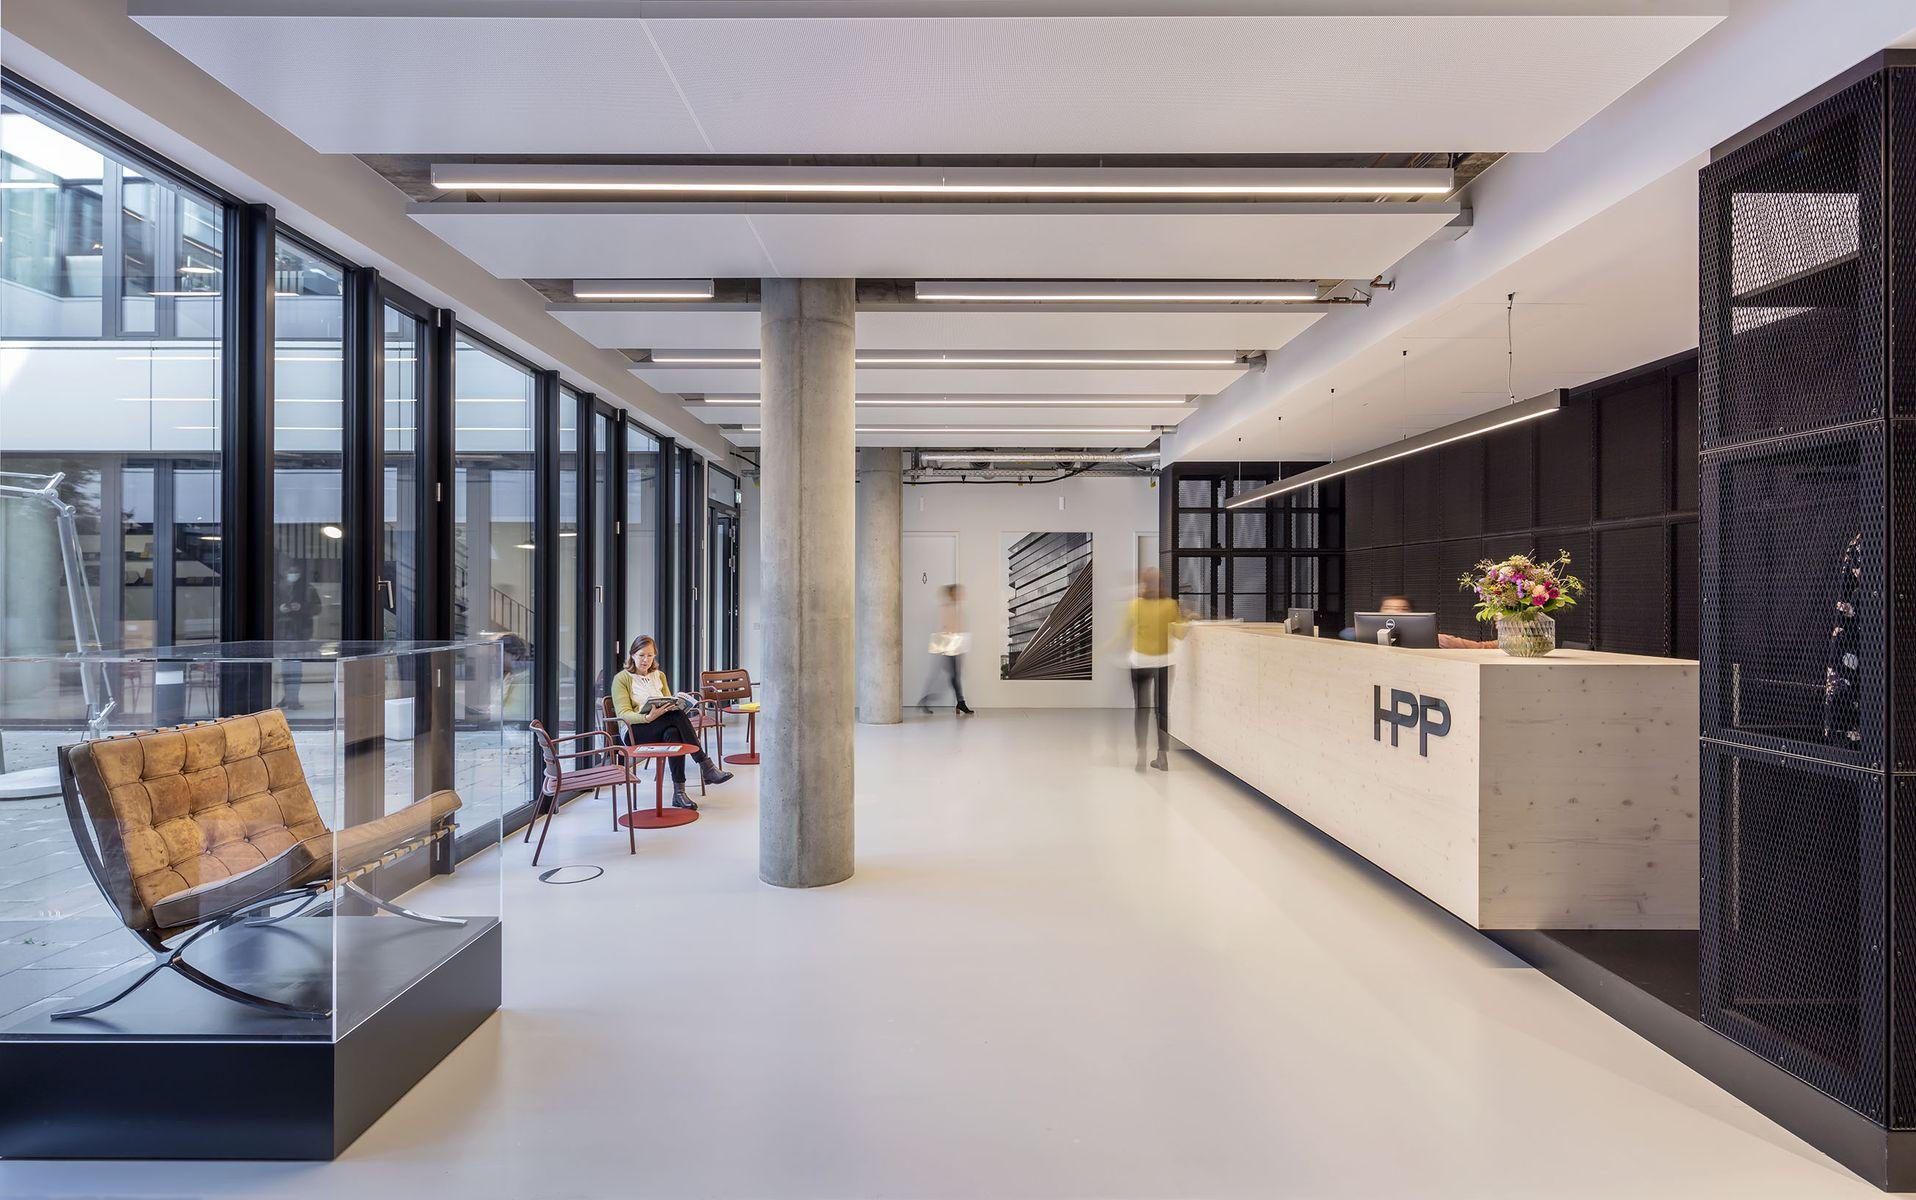 Tag der Architektur Einblicke ins HPP Headquarter   HPP Architekten